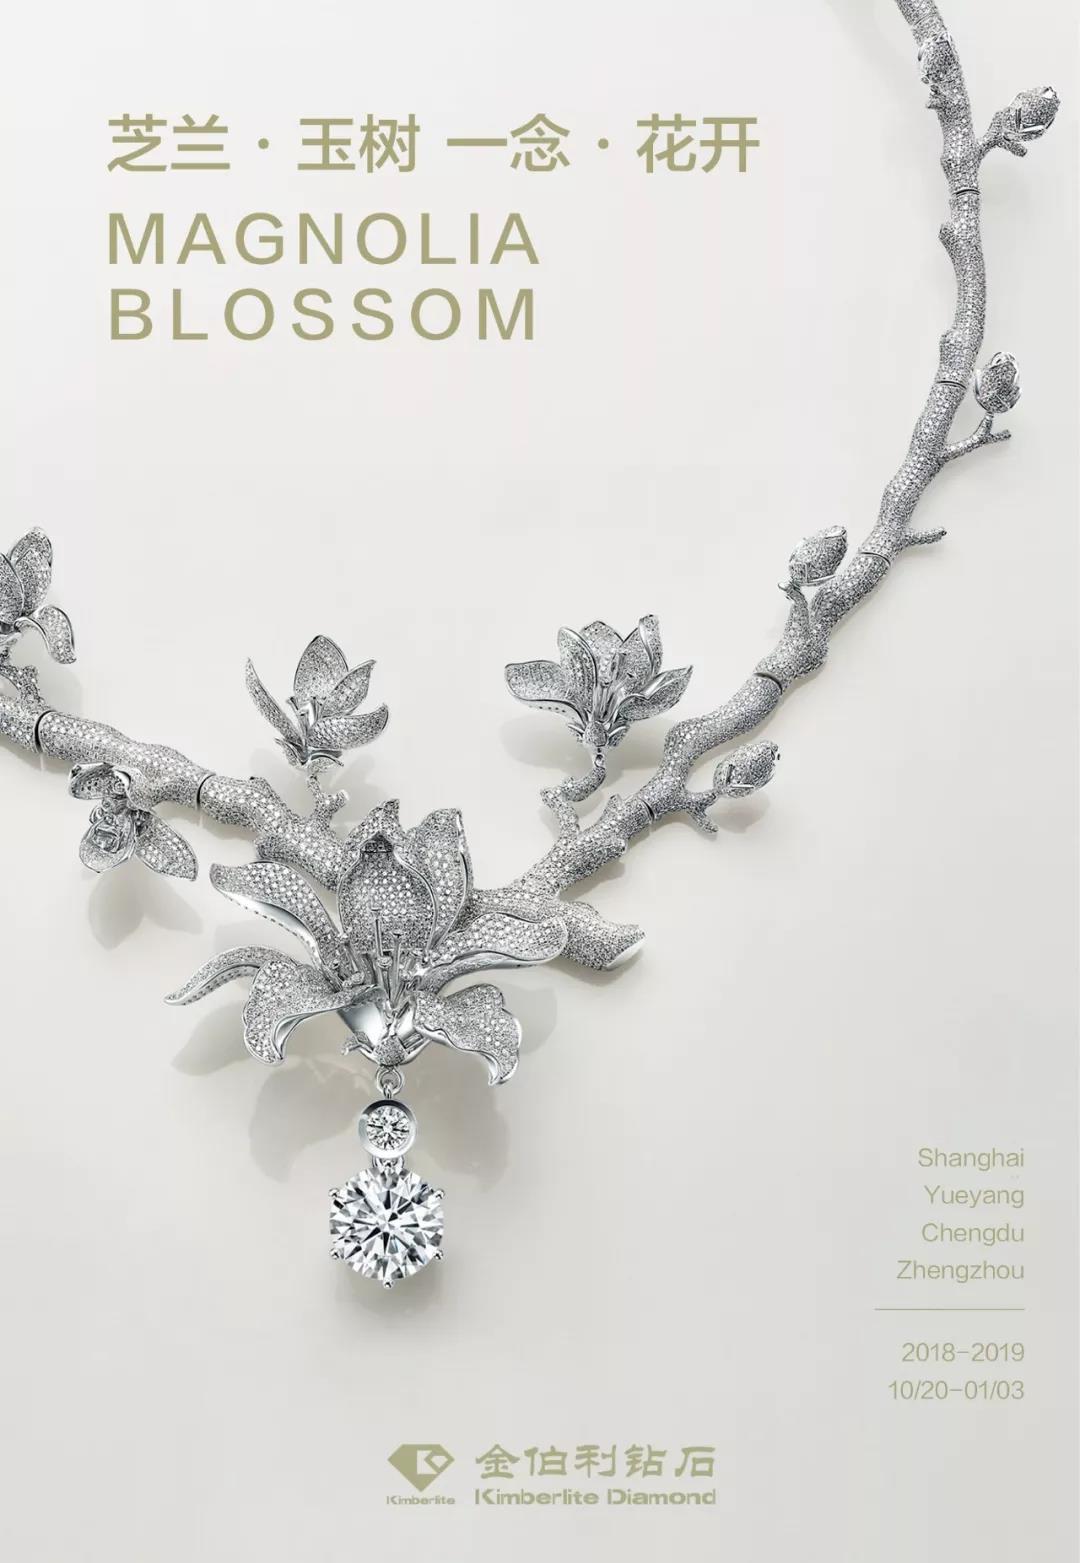 金伯利钻石珠宝艺术